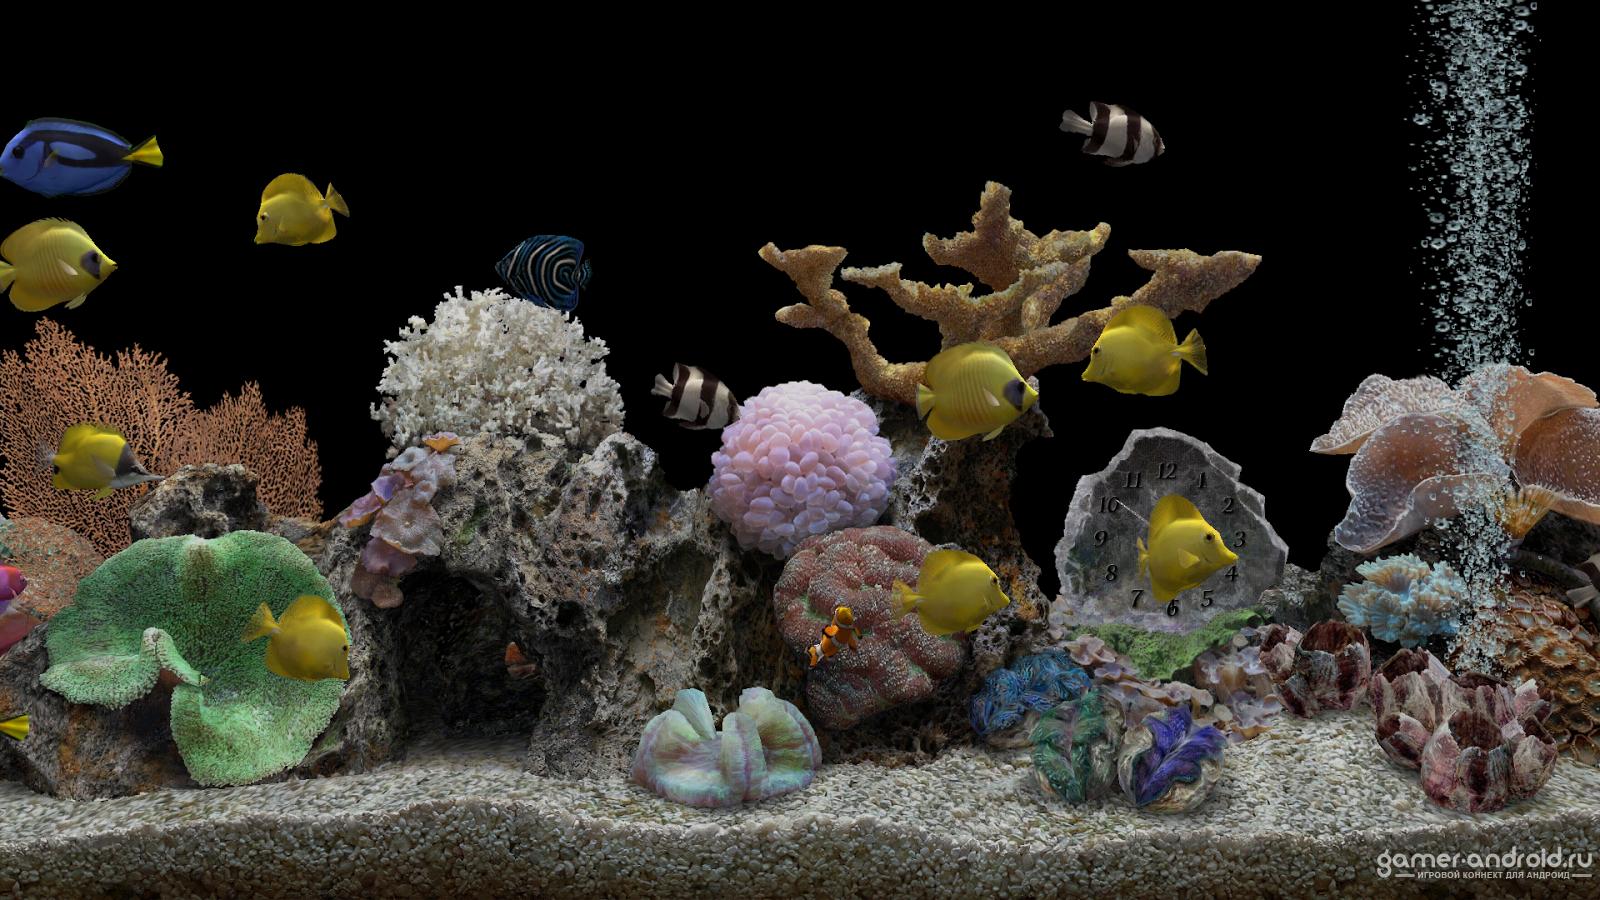 Анимационные обои для рабочего стола аквариум